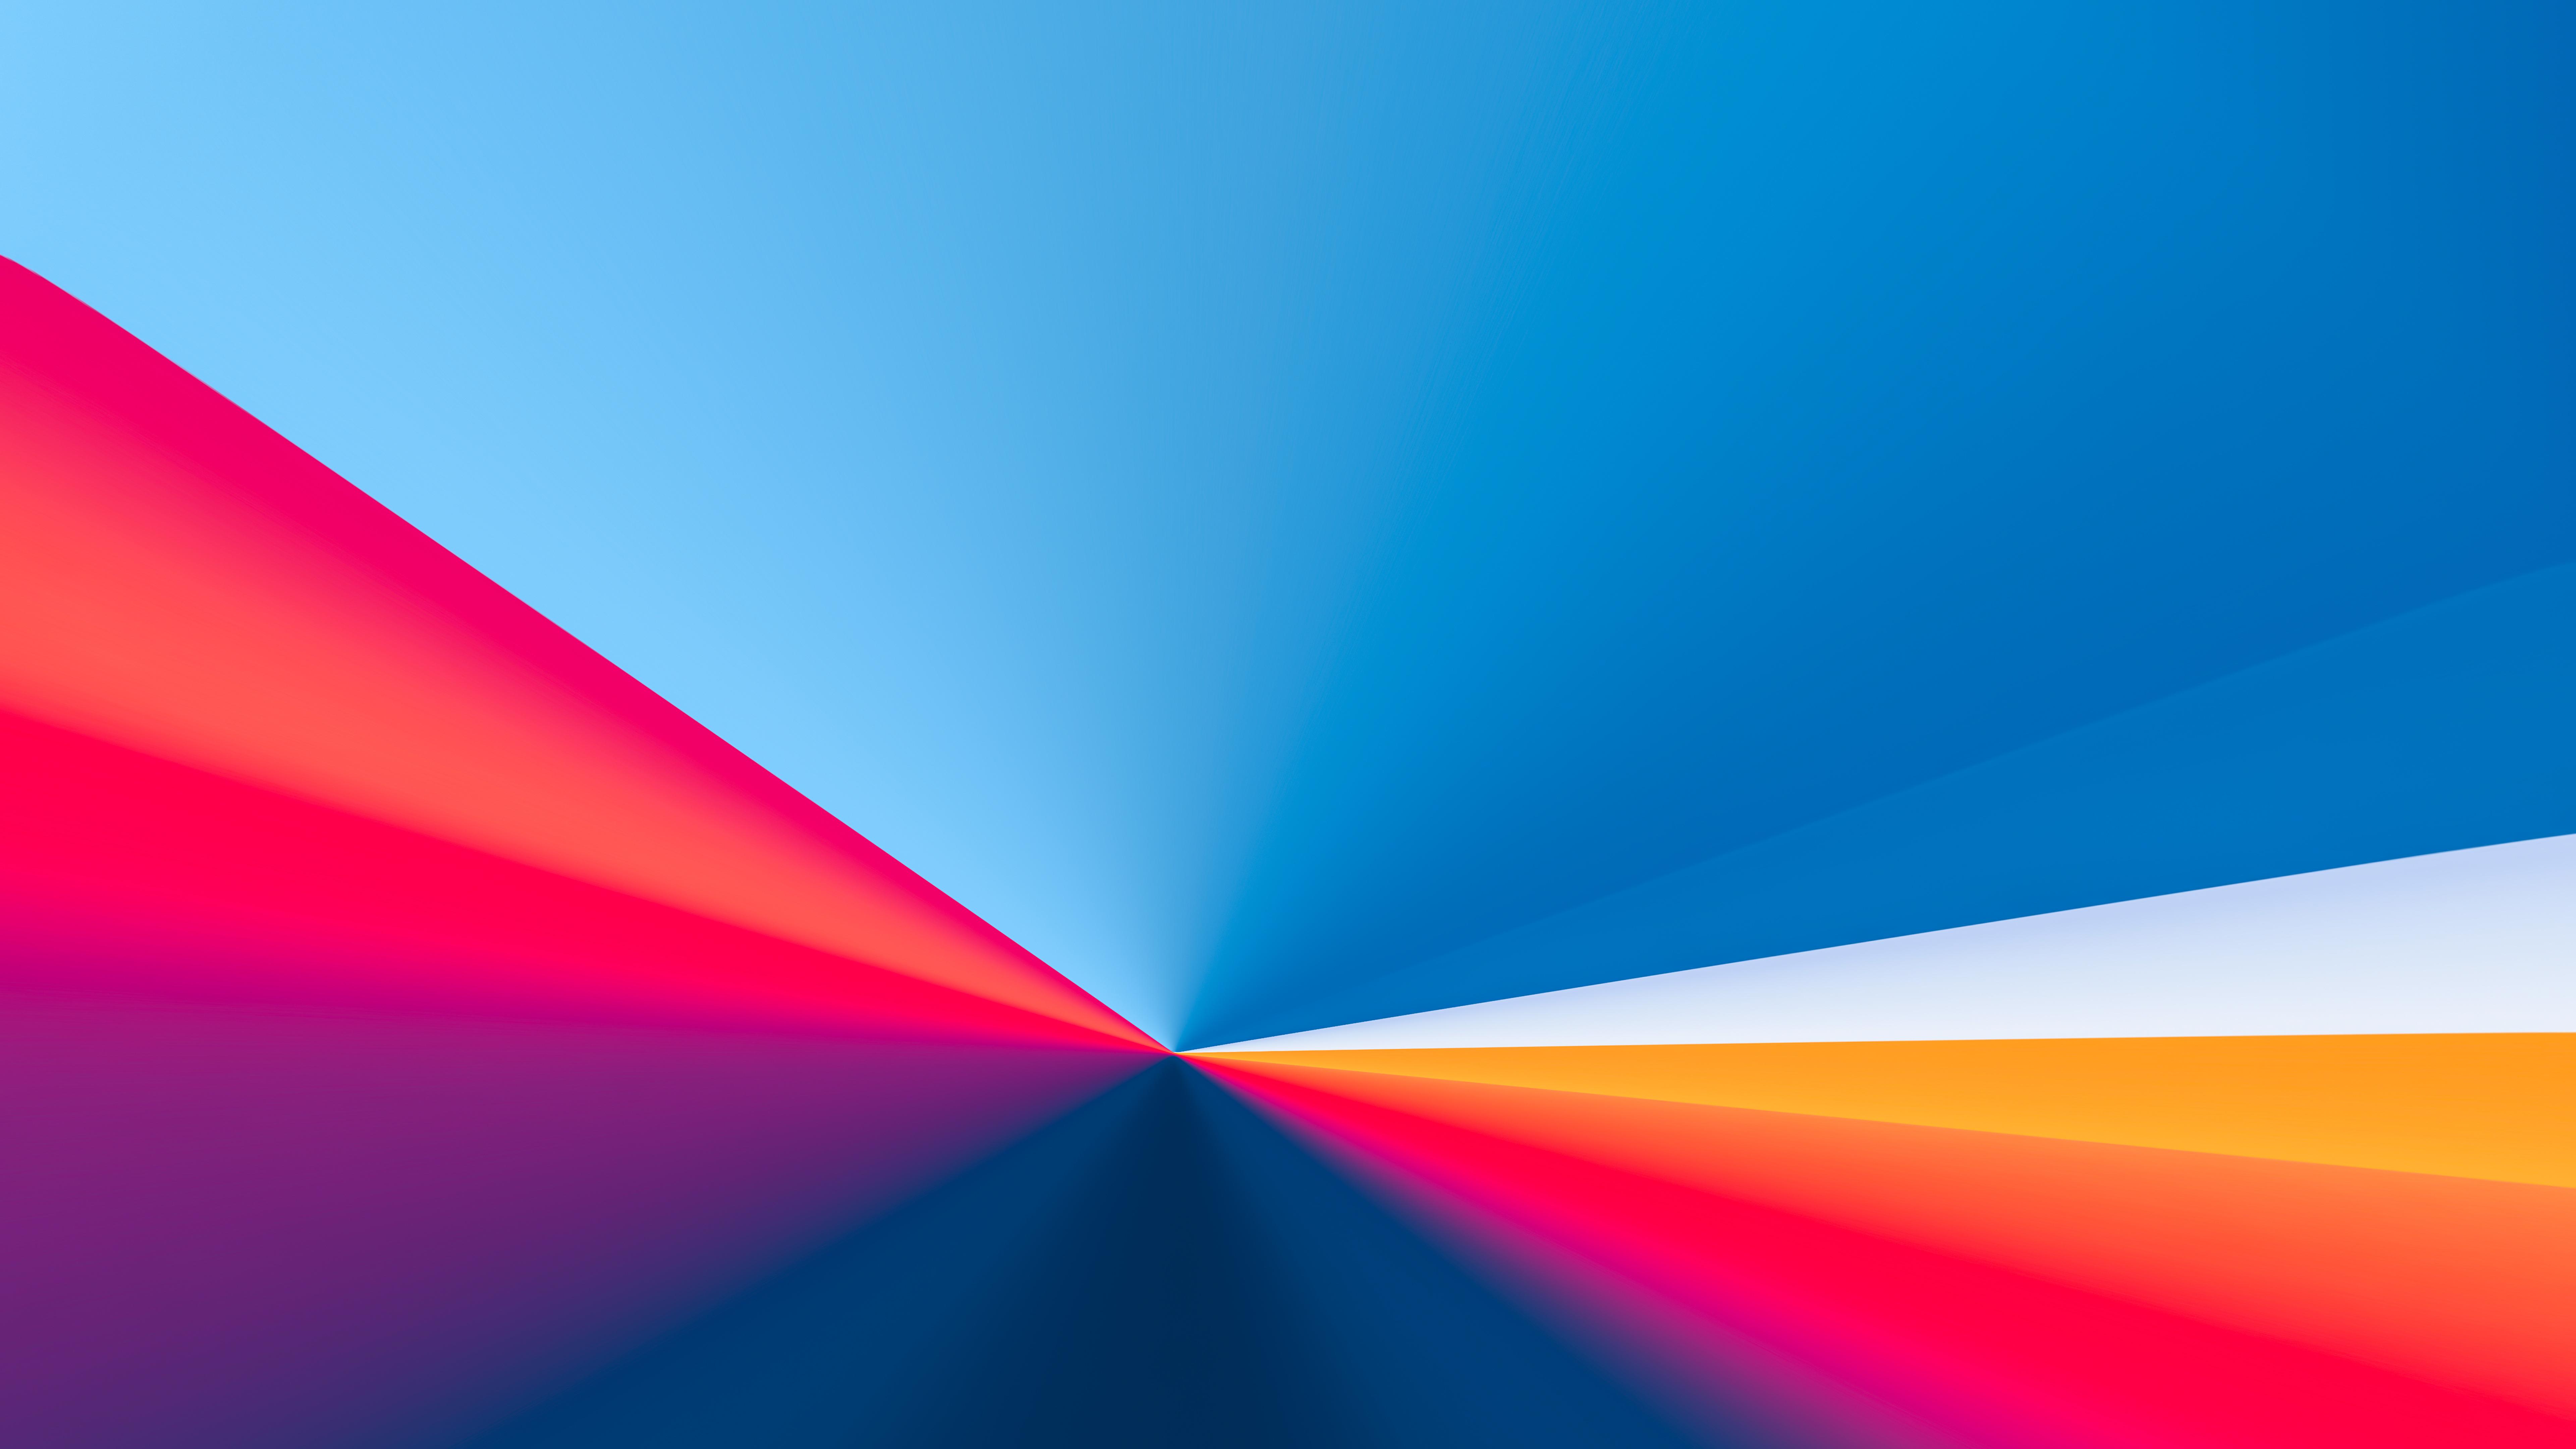 color-formation-8k-zt.jpg